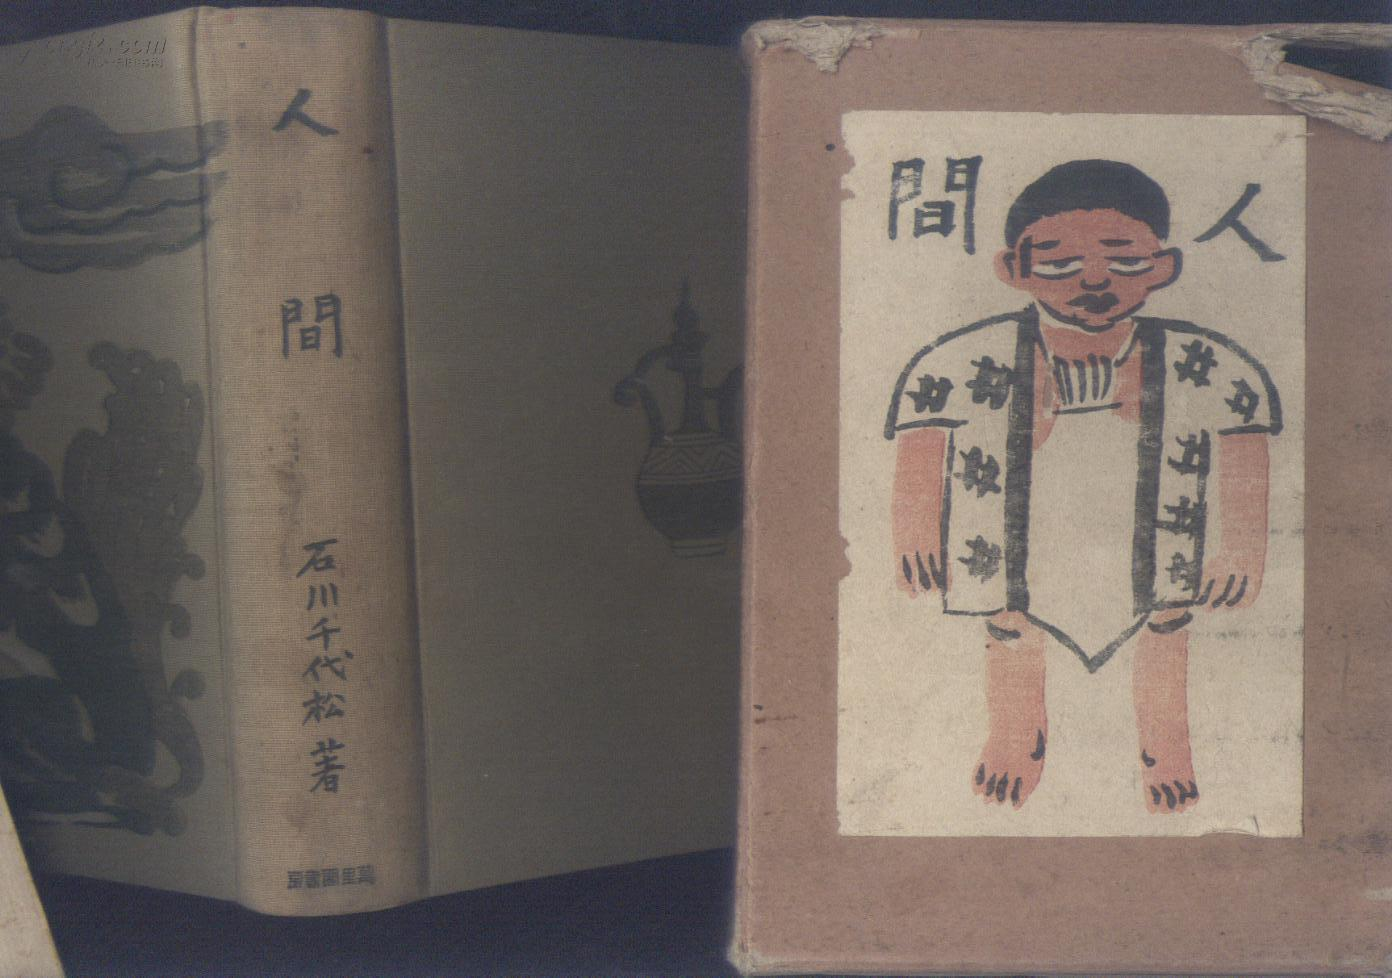 日文1930年版 进化学著作 人间